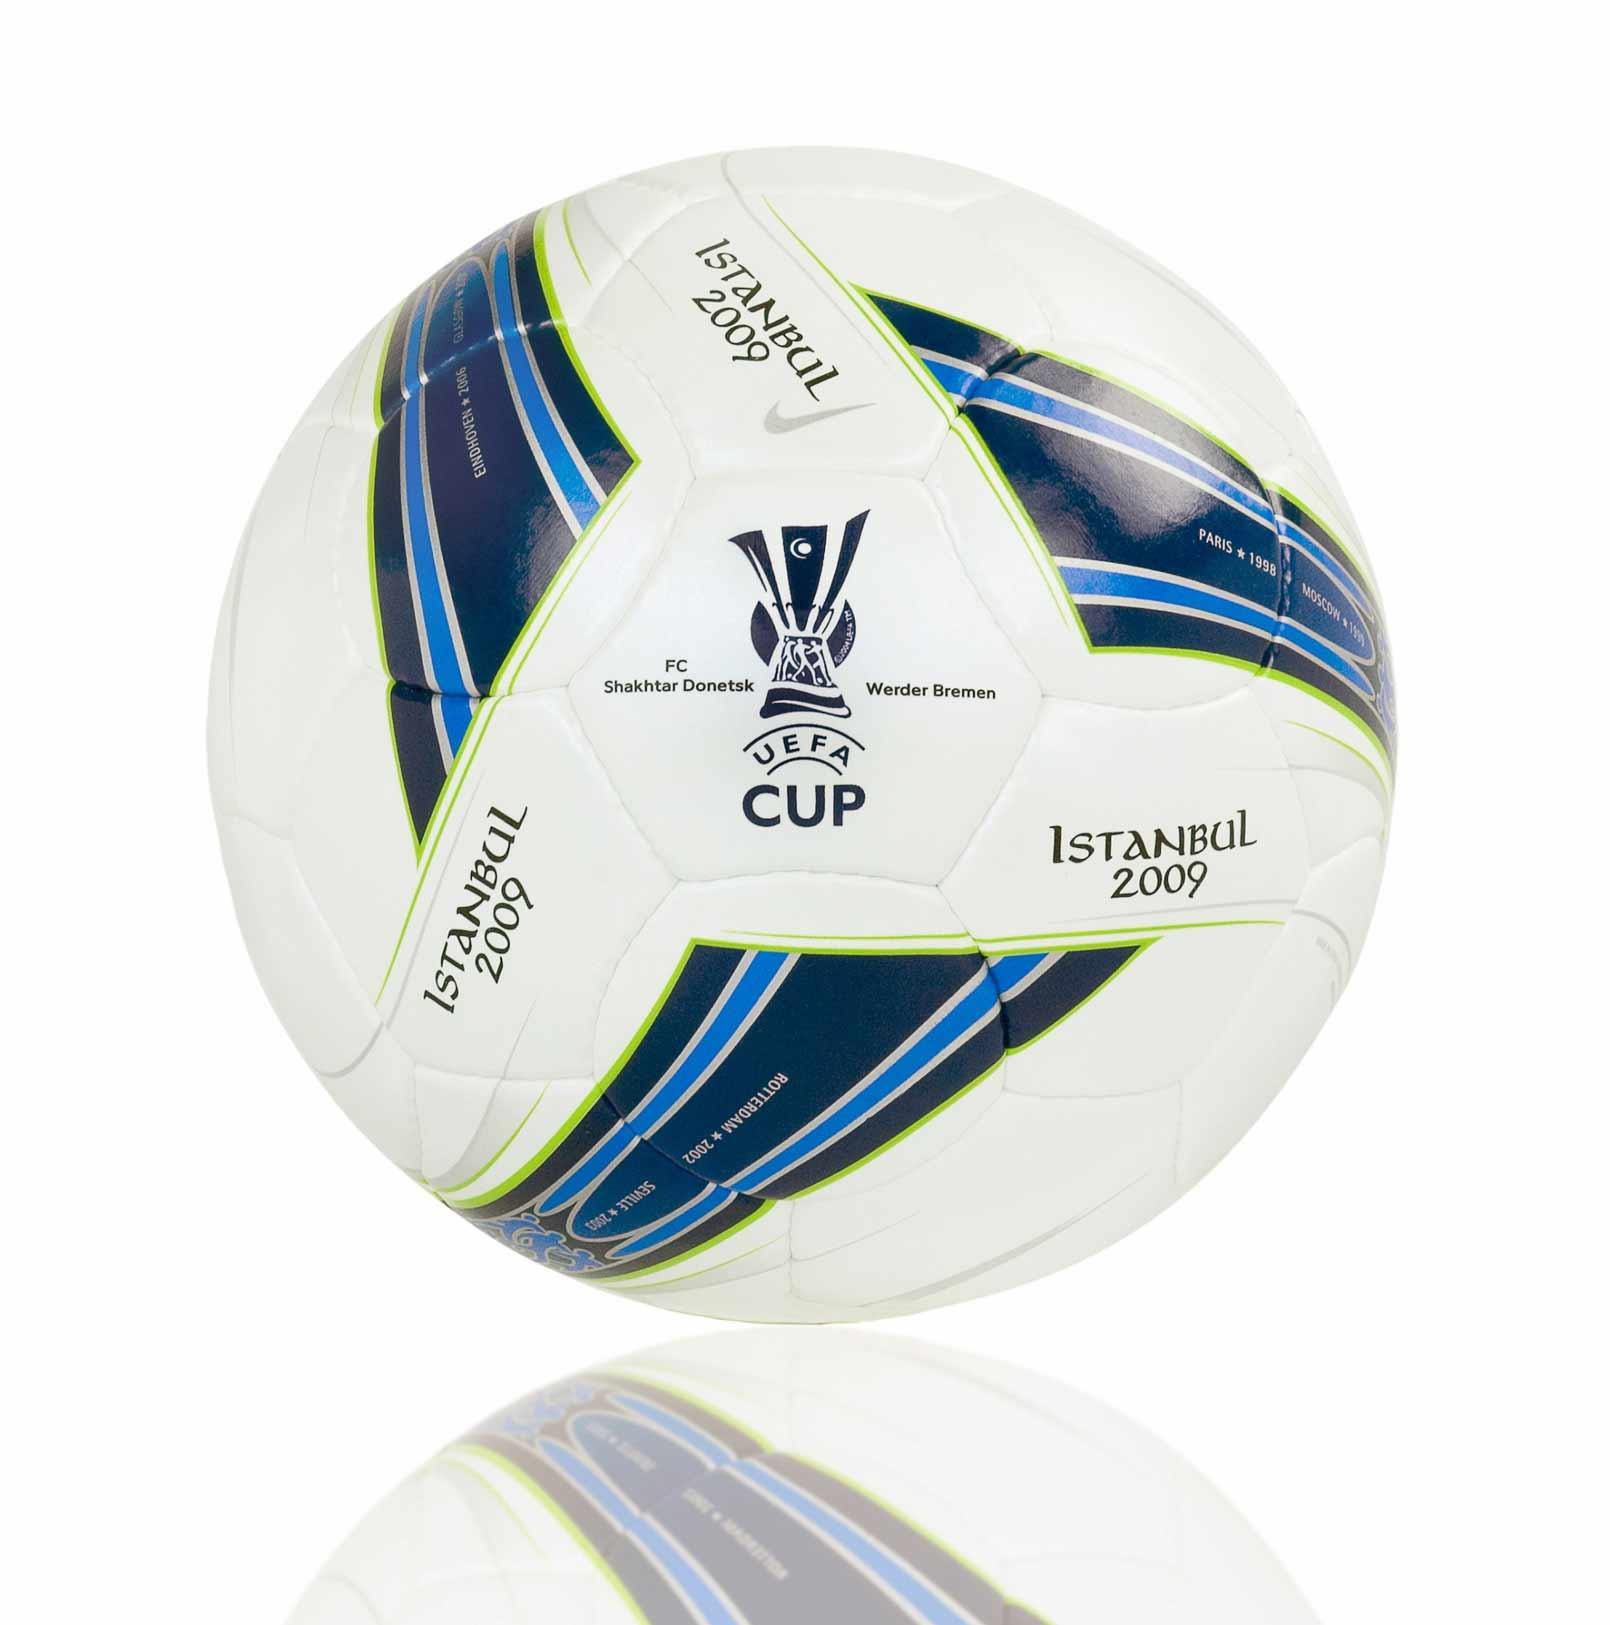 Официальный мяч Кубка УЕФА сезона 2008-2009